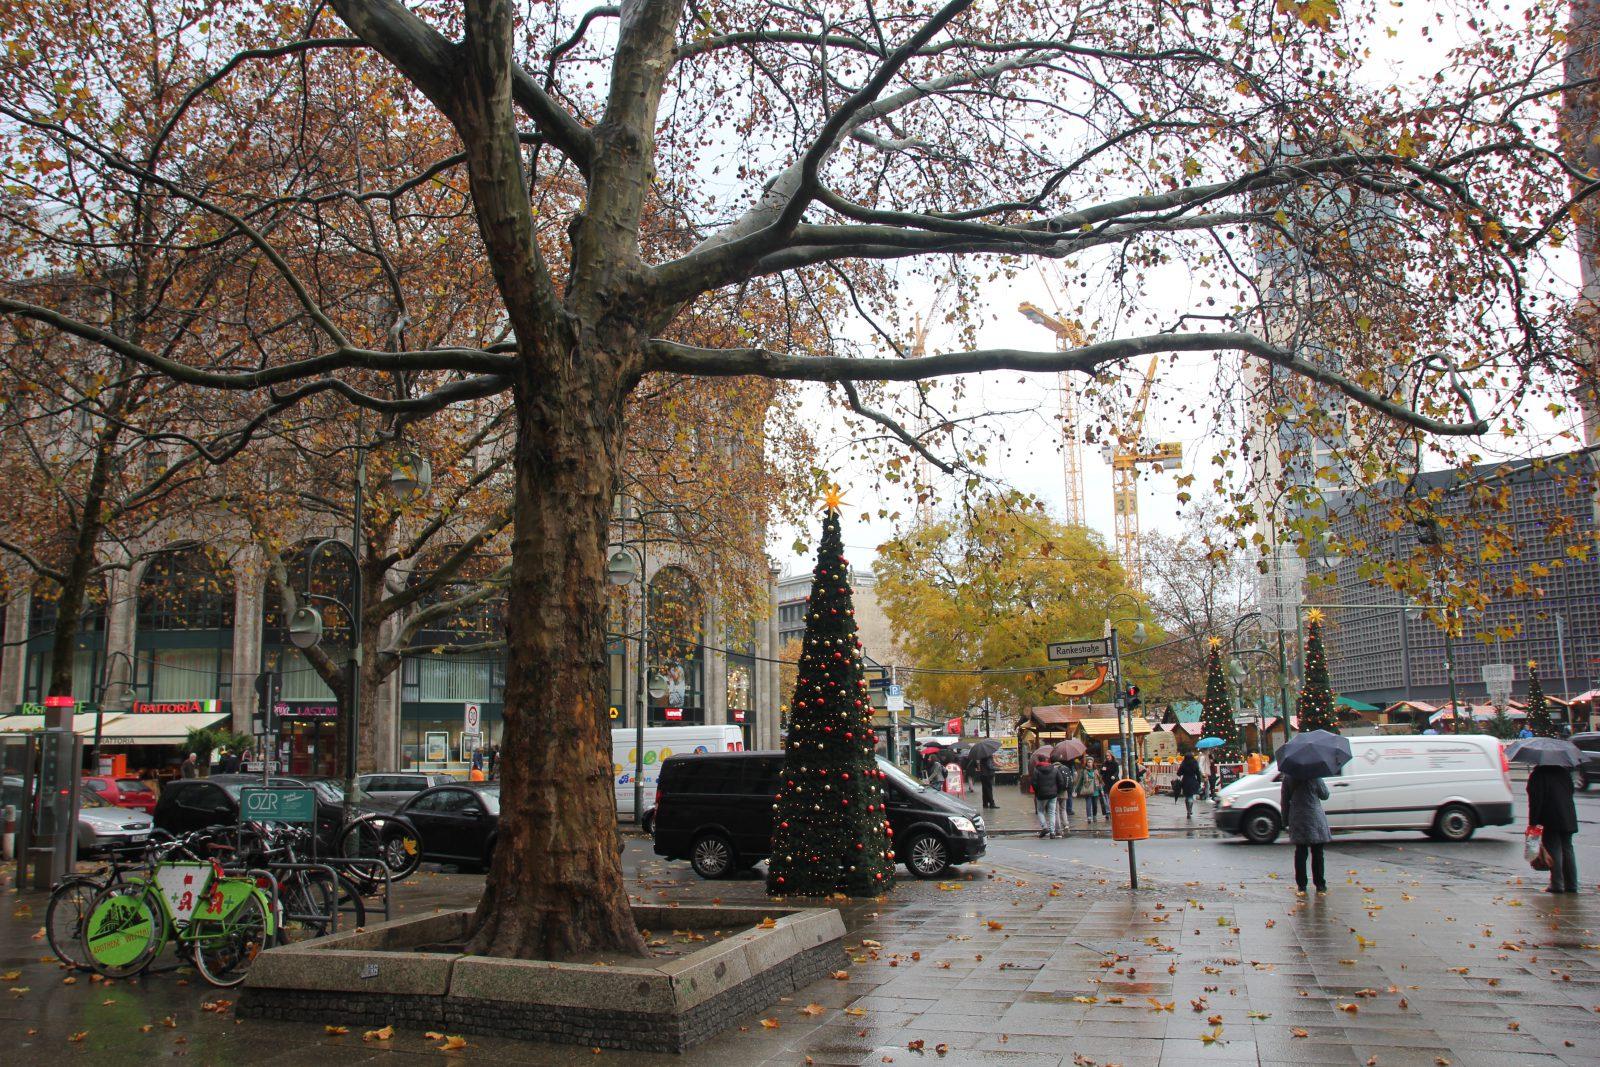 רחוב קודאם ברלין סיילים באירופה